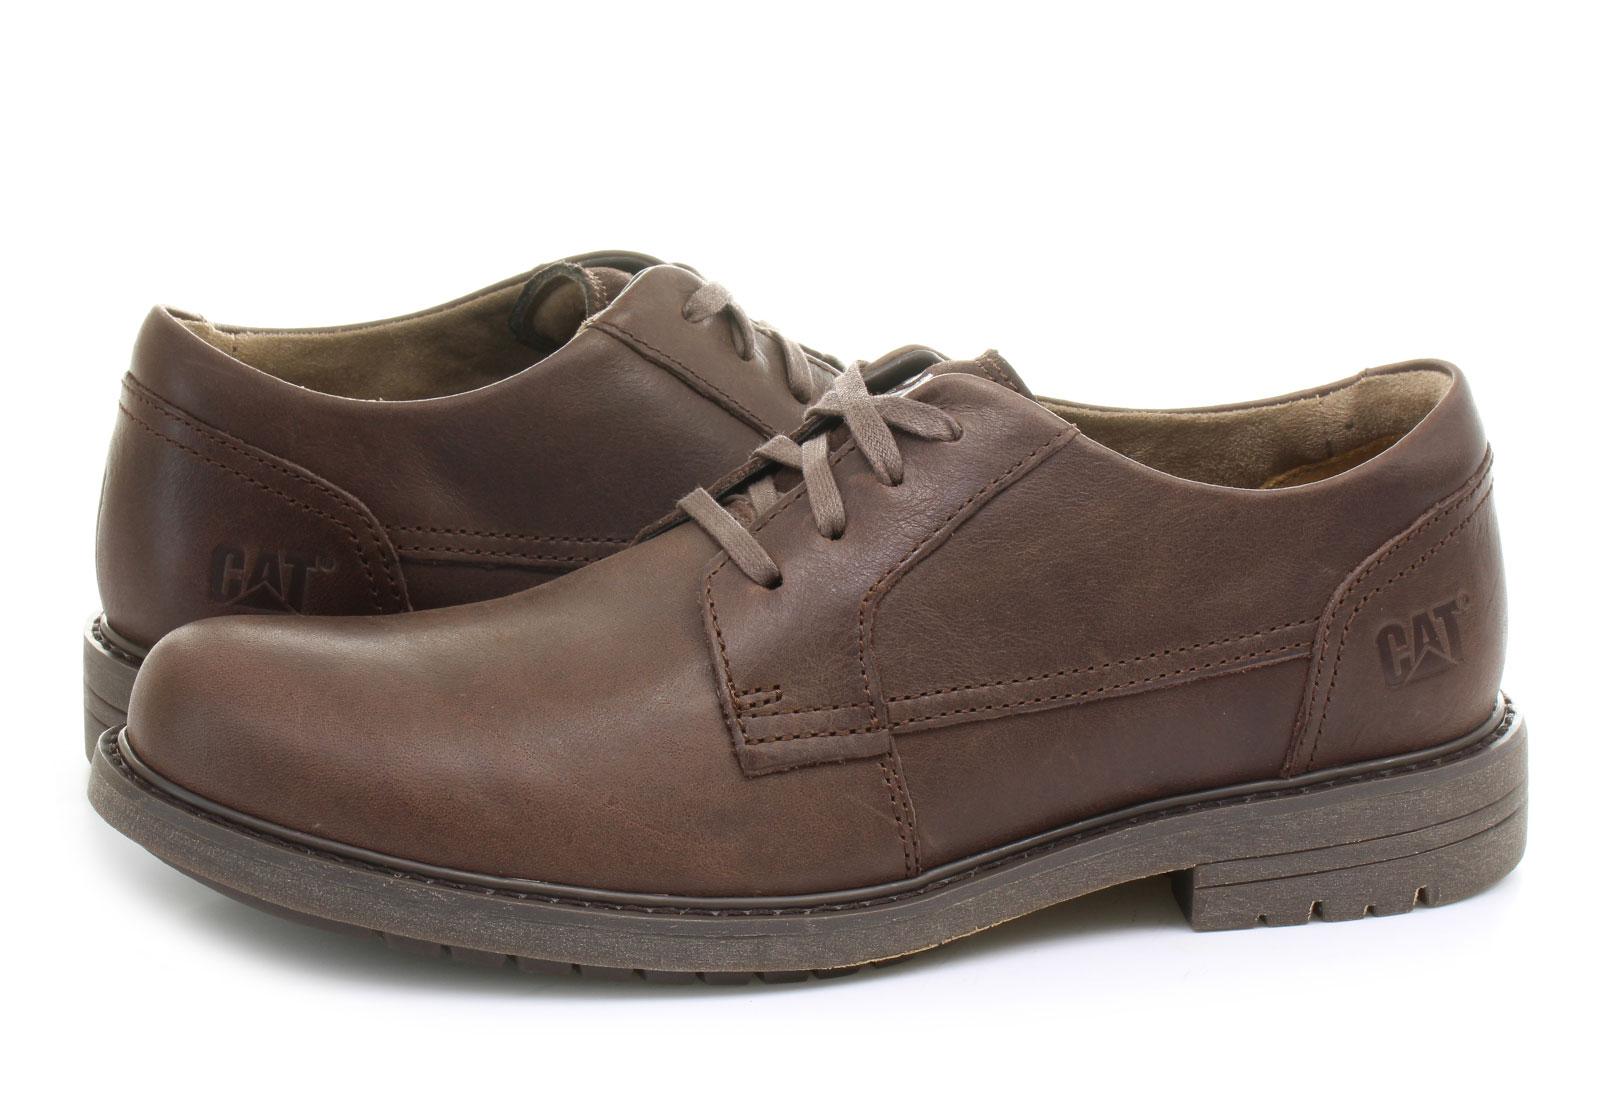 e3ebca2d333bd Cat Shoes - Cason - 719127-brn - Online shop for sneakers, shoes ...